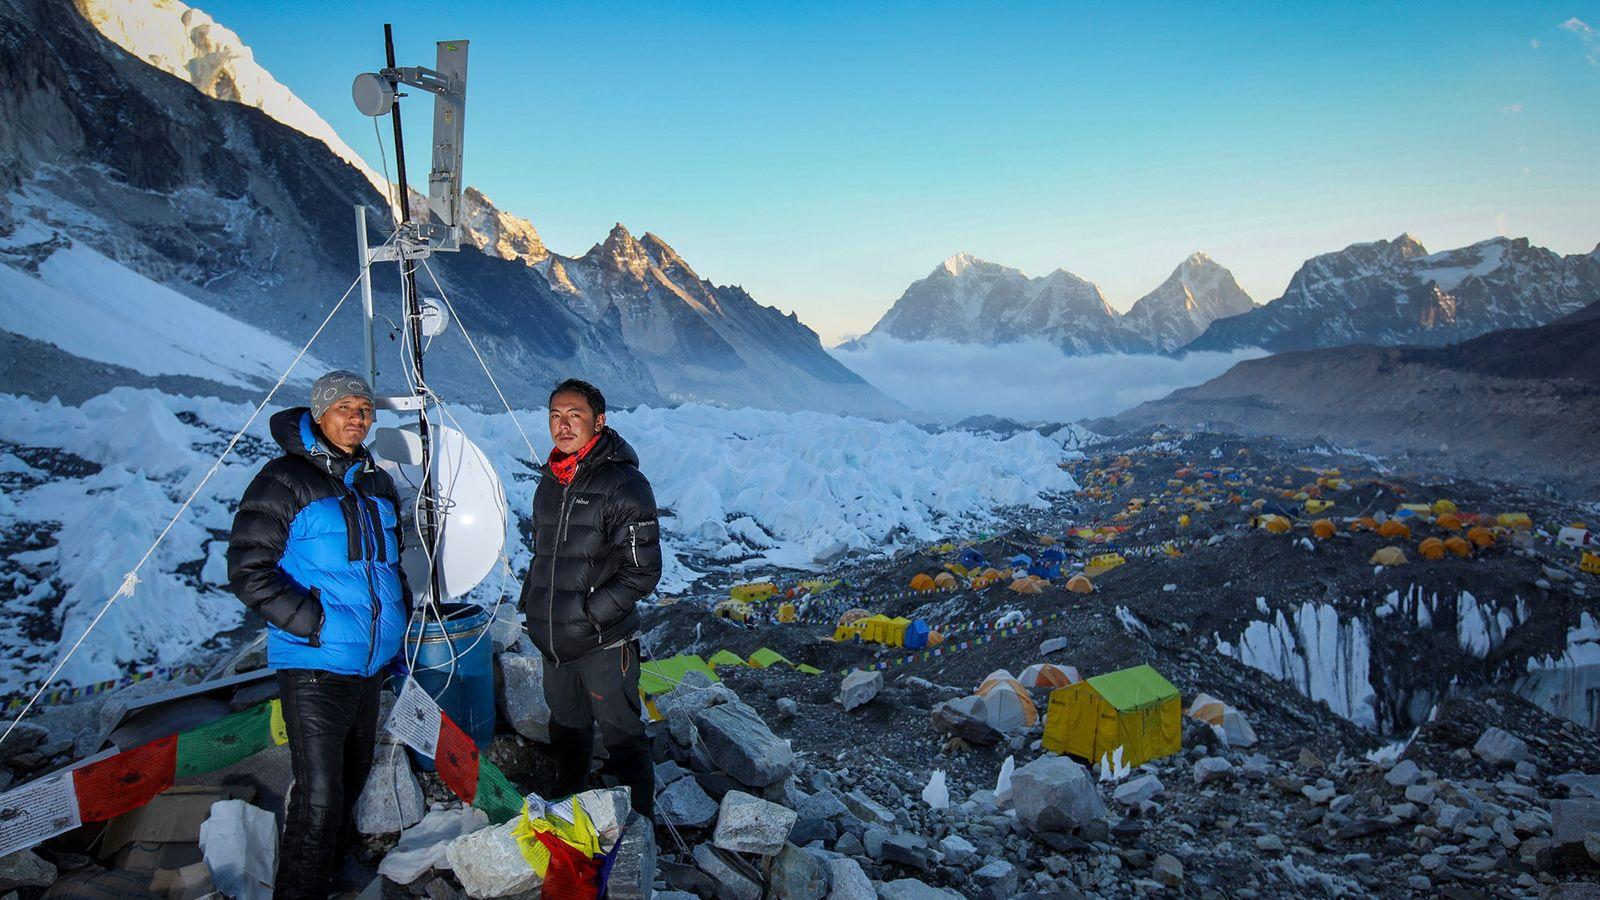 Suresh Lama, ingénieur d'Everest Link spécialisé dans la technologie sans fil, se tient aux côtés de son ...